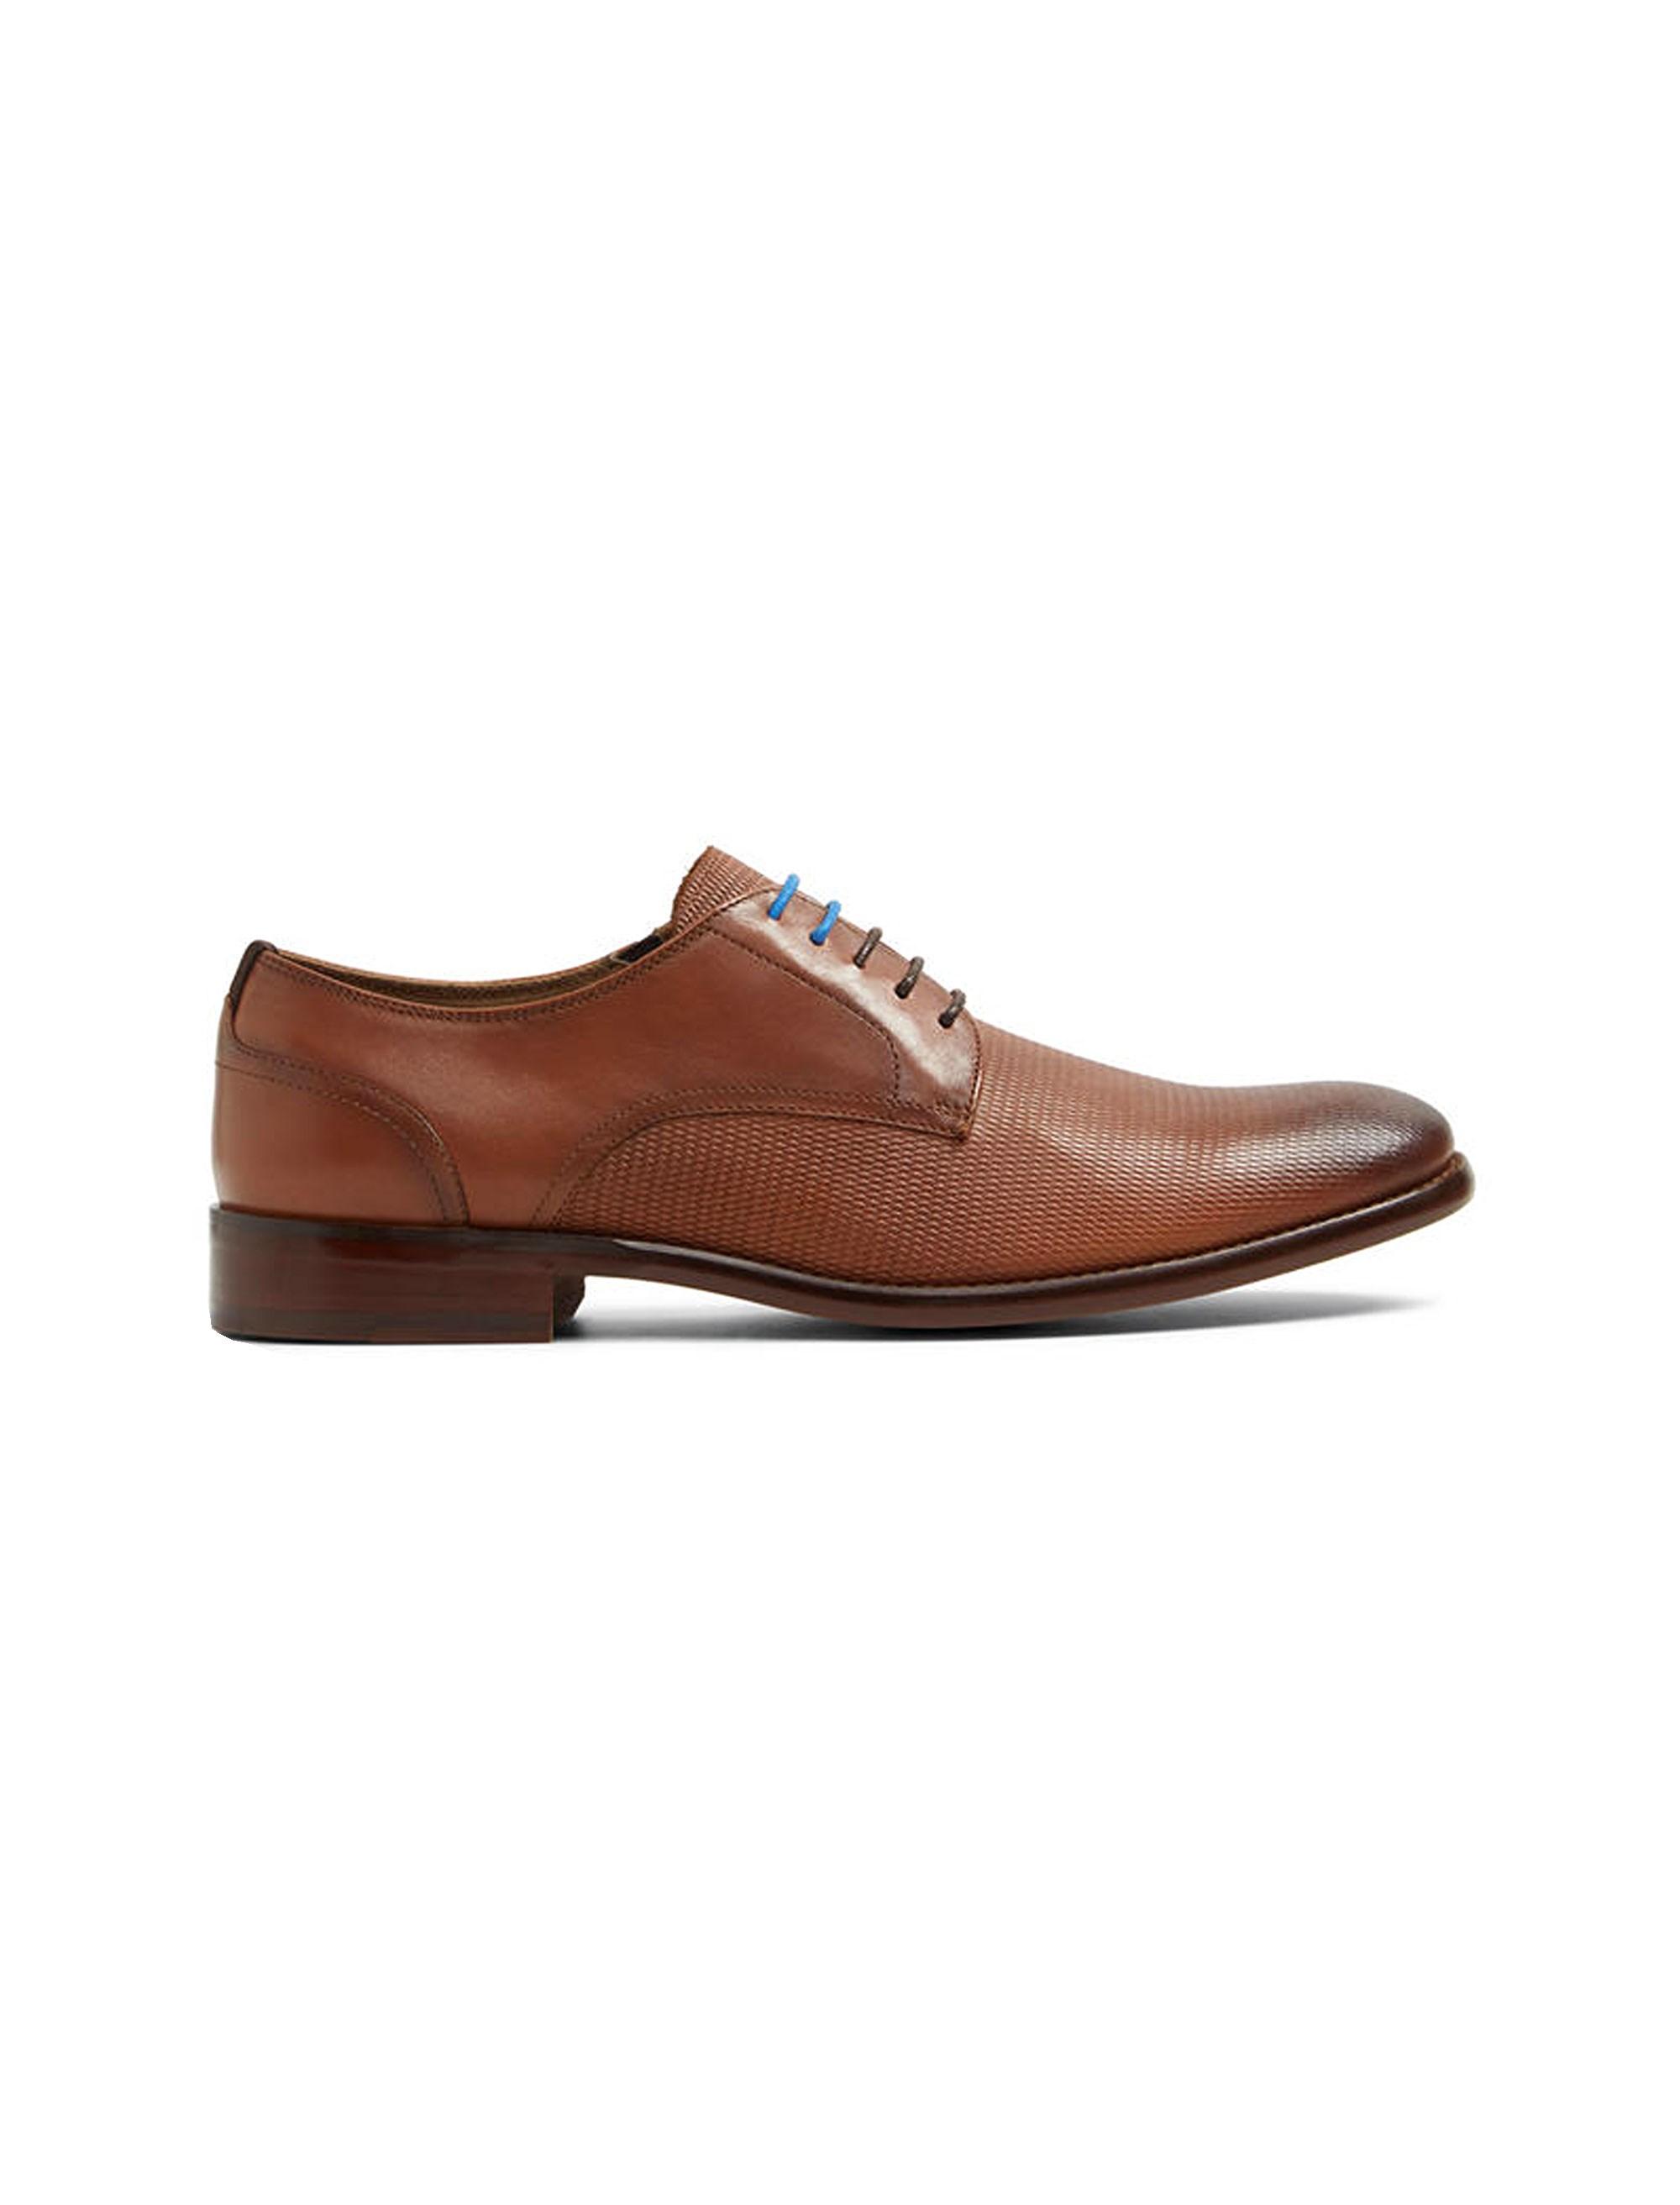 کفش رسمی چرم مردانه - قهوه اي - 1